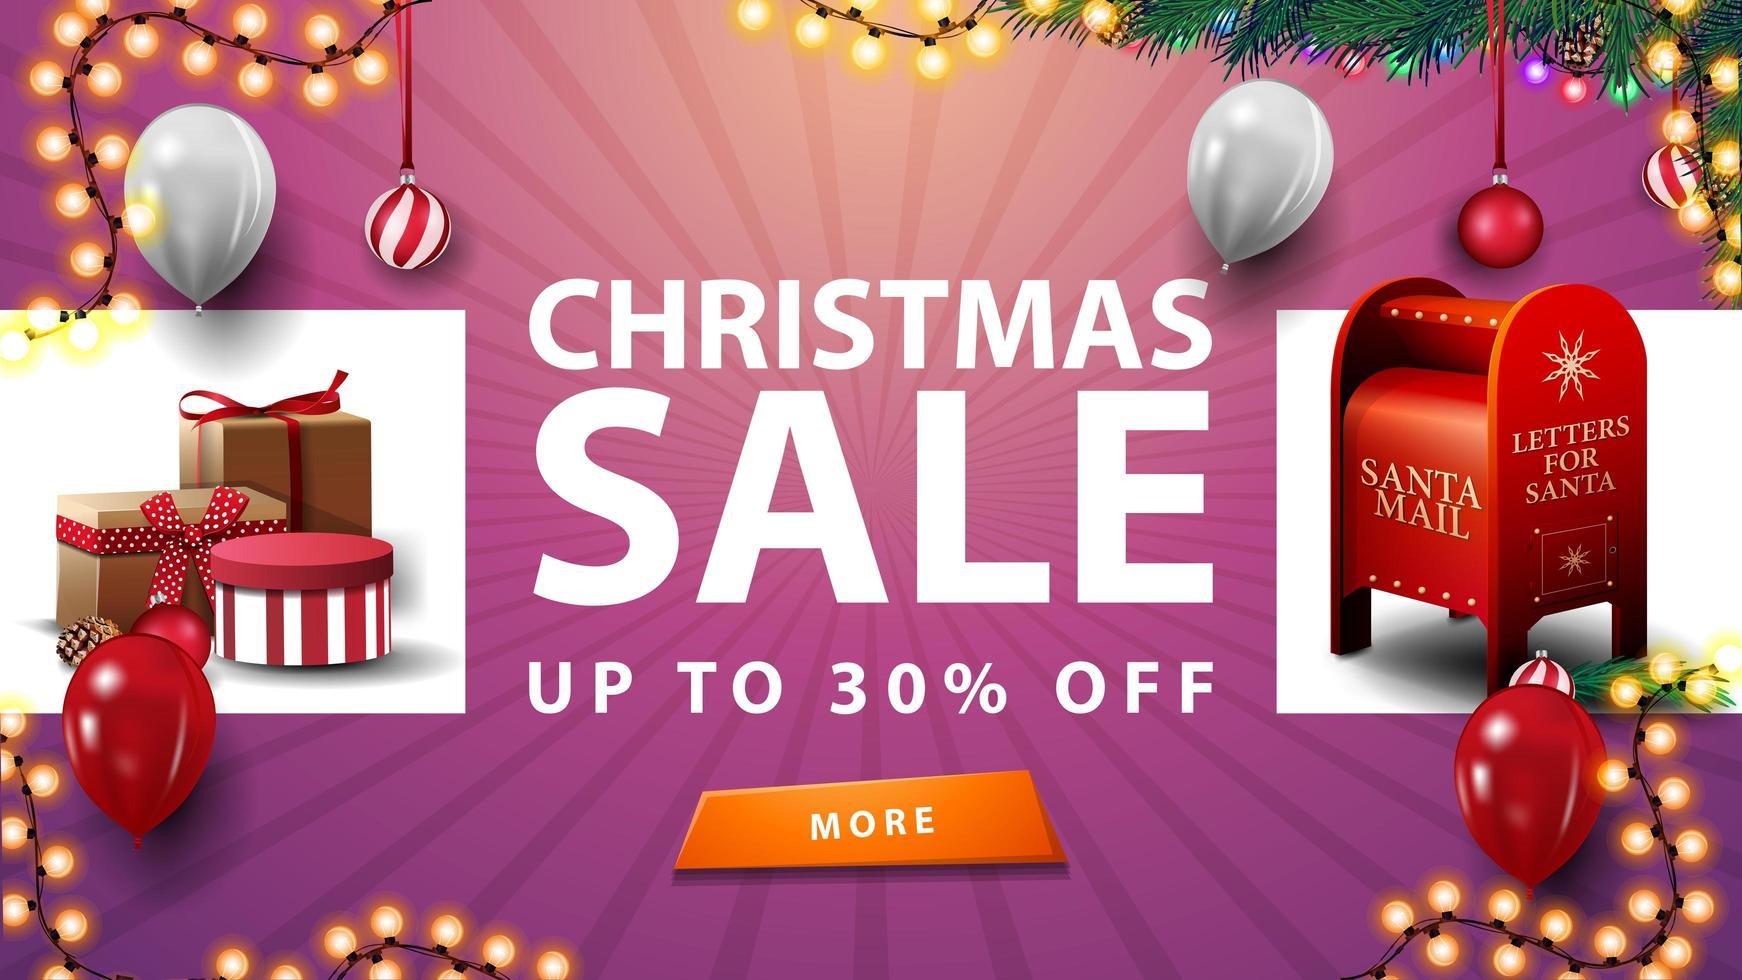 kerstuitverkoop, tot 30 korting, roze kortingsbanner met kerstcadeaus, slinger, witte ballonnen, knop en kerstman brievenbus vector